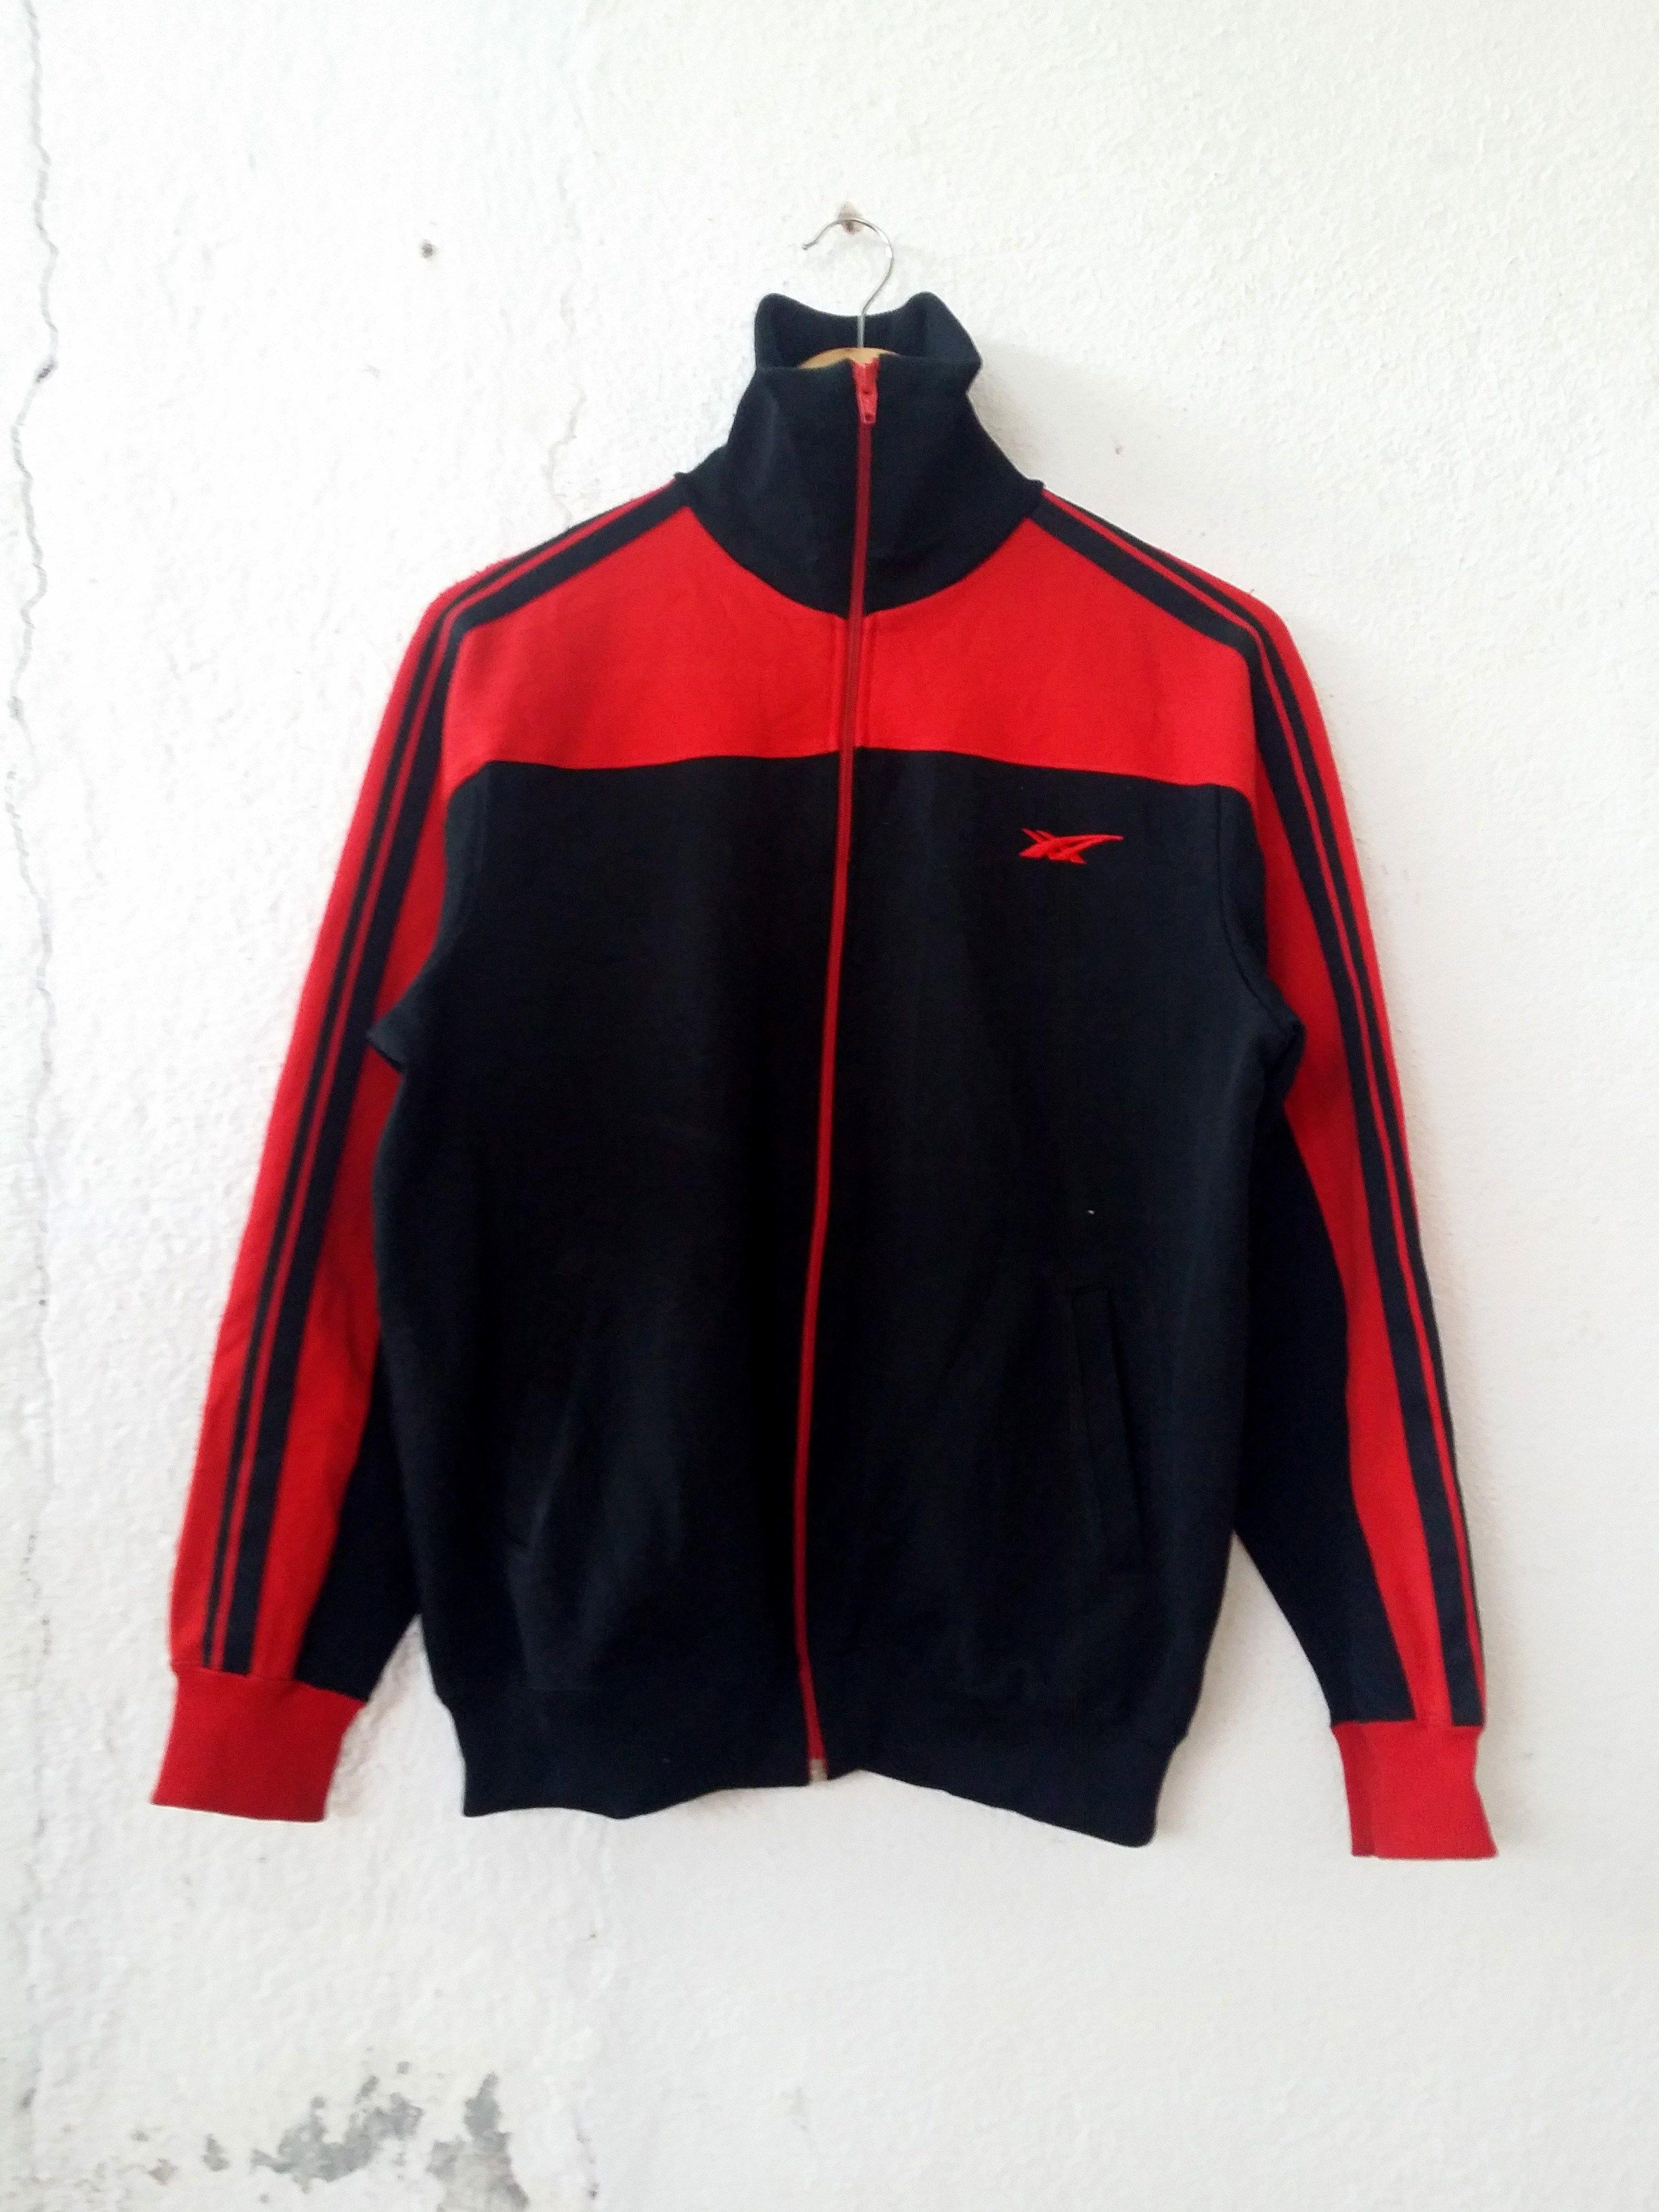 c782e0f3e0 Asics Sweater Sport Brand Trainer Track Top Zipper Small Logo Size M ...